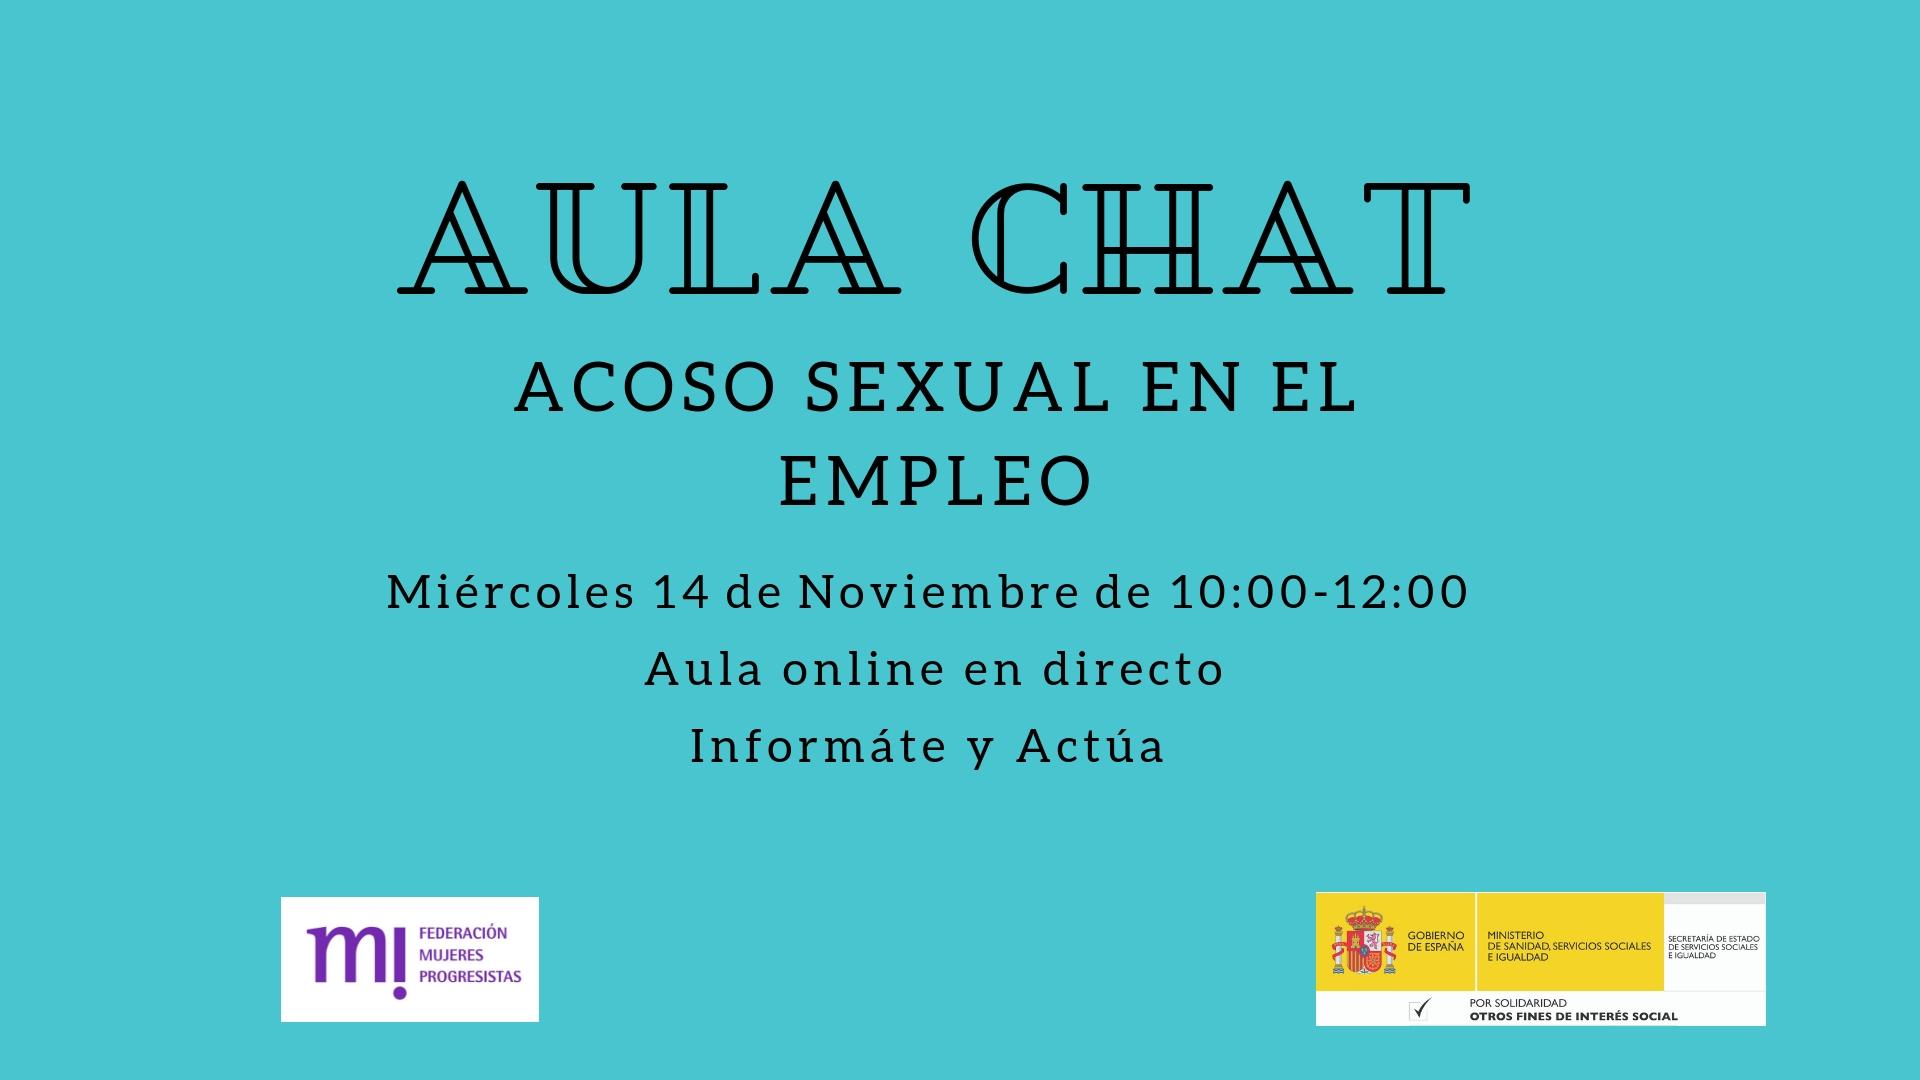 Course Image Aula Online: Acoso Sexual en el Trabajo. Infórmate y Actúa.